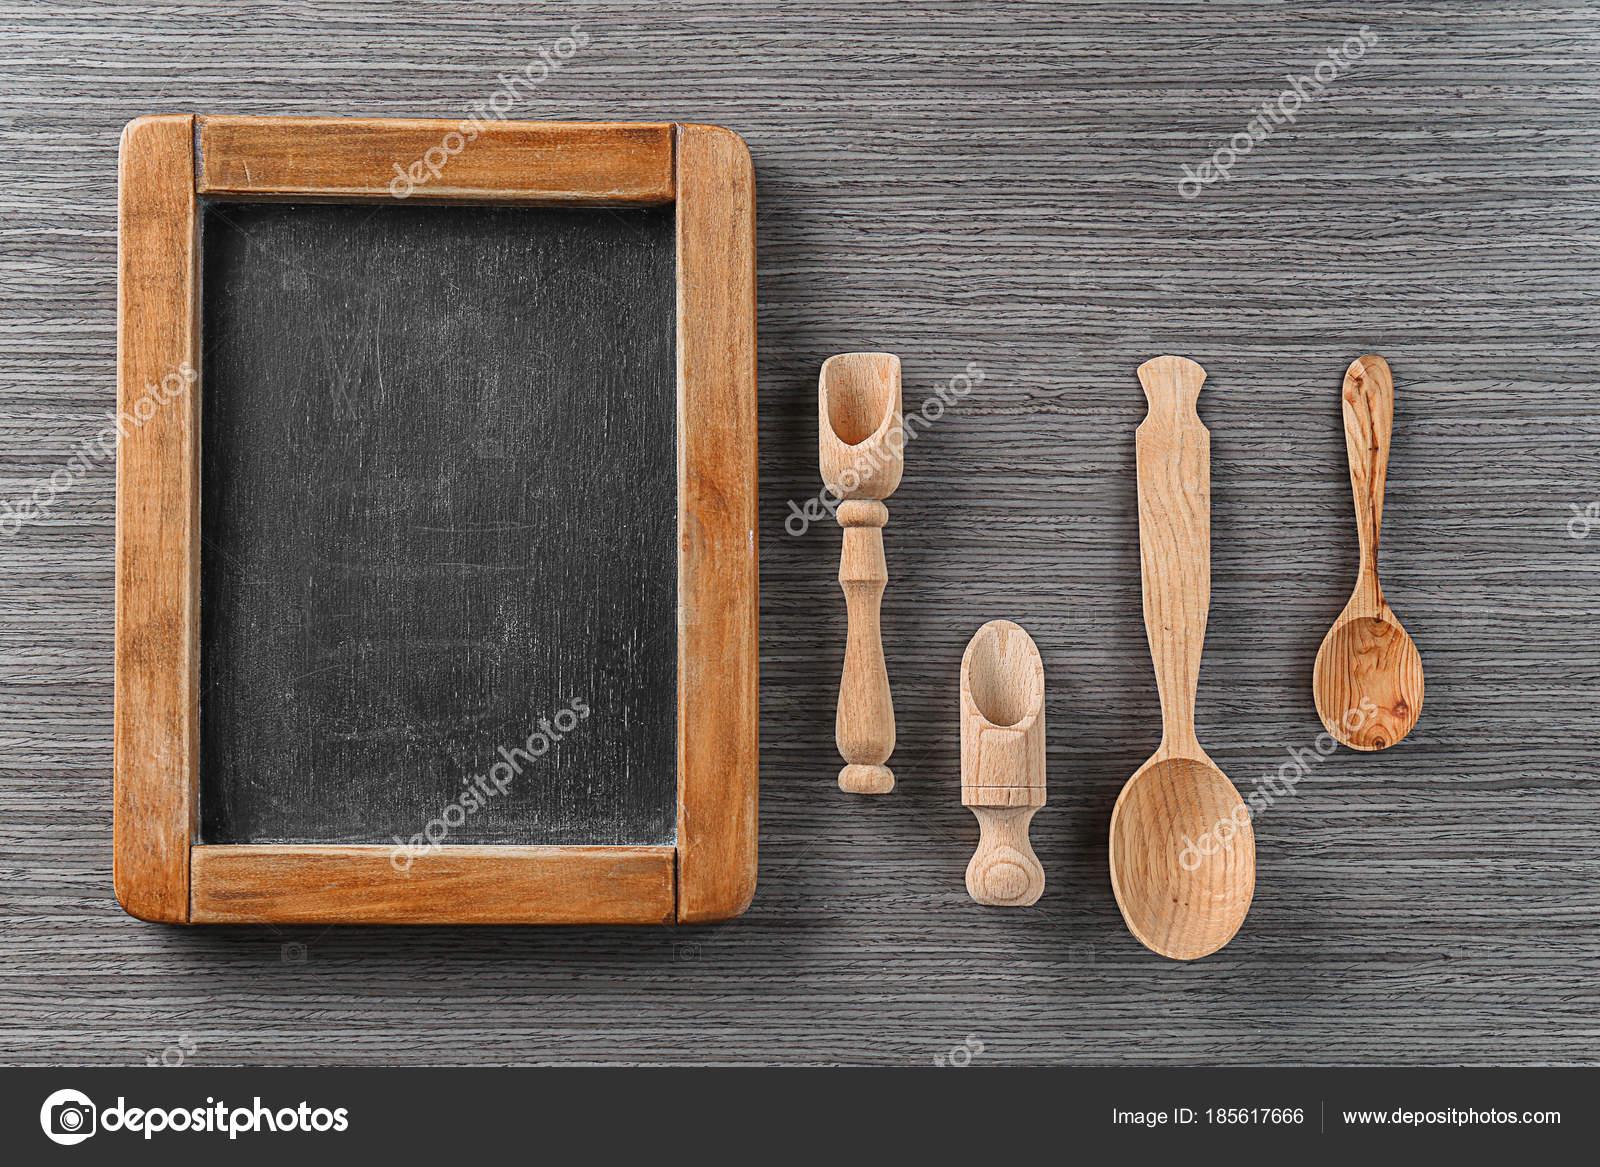 Lavagna e utensili da cucina su fondo di legno. Master corsi di ...